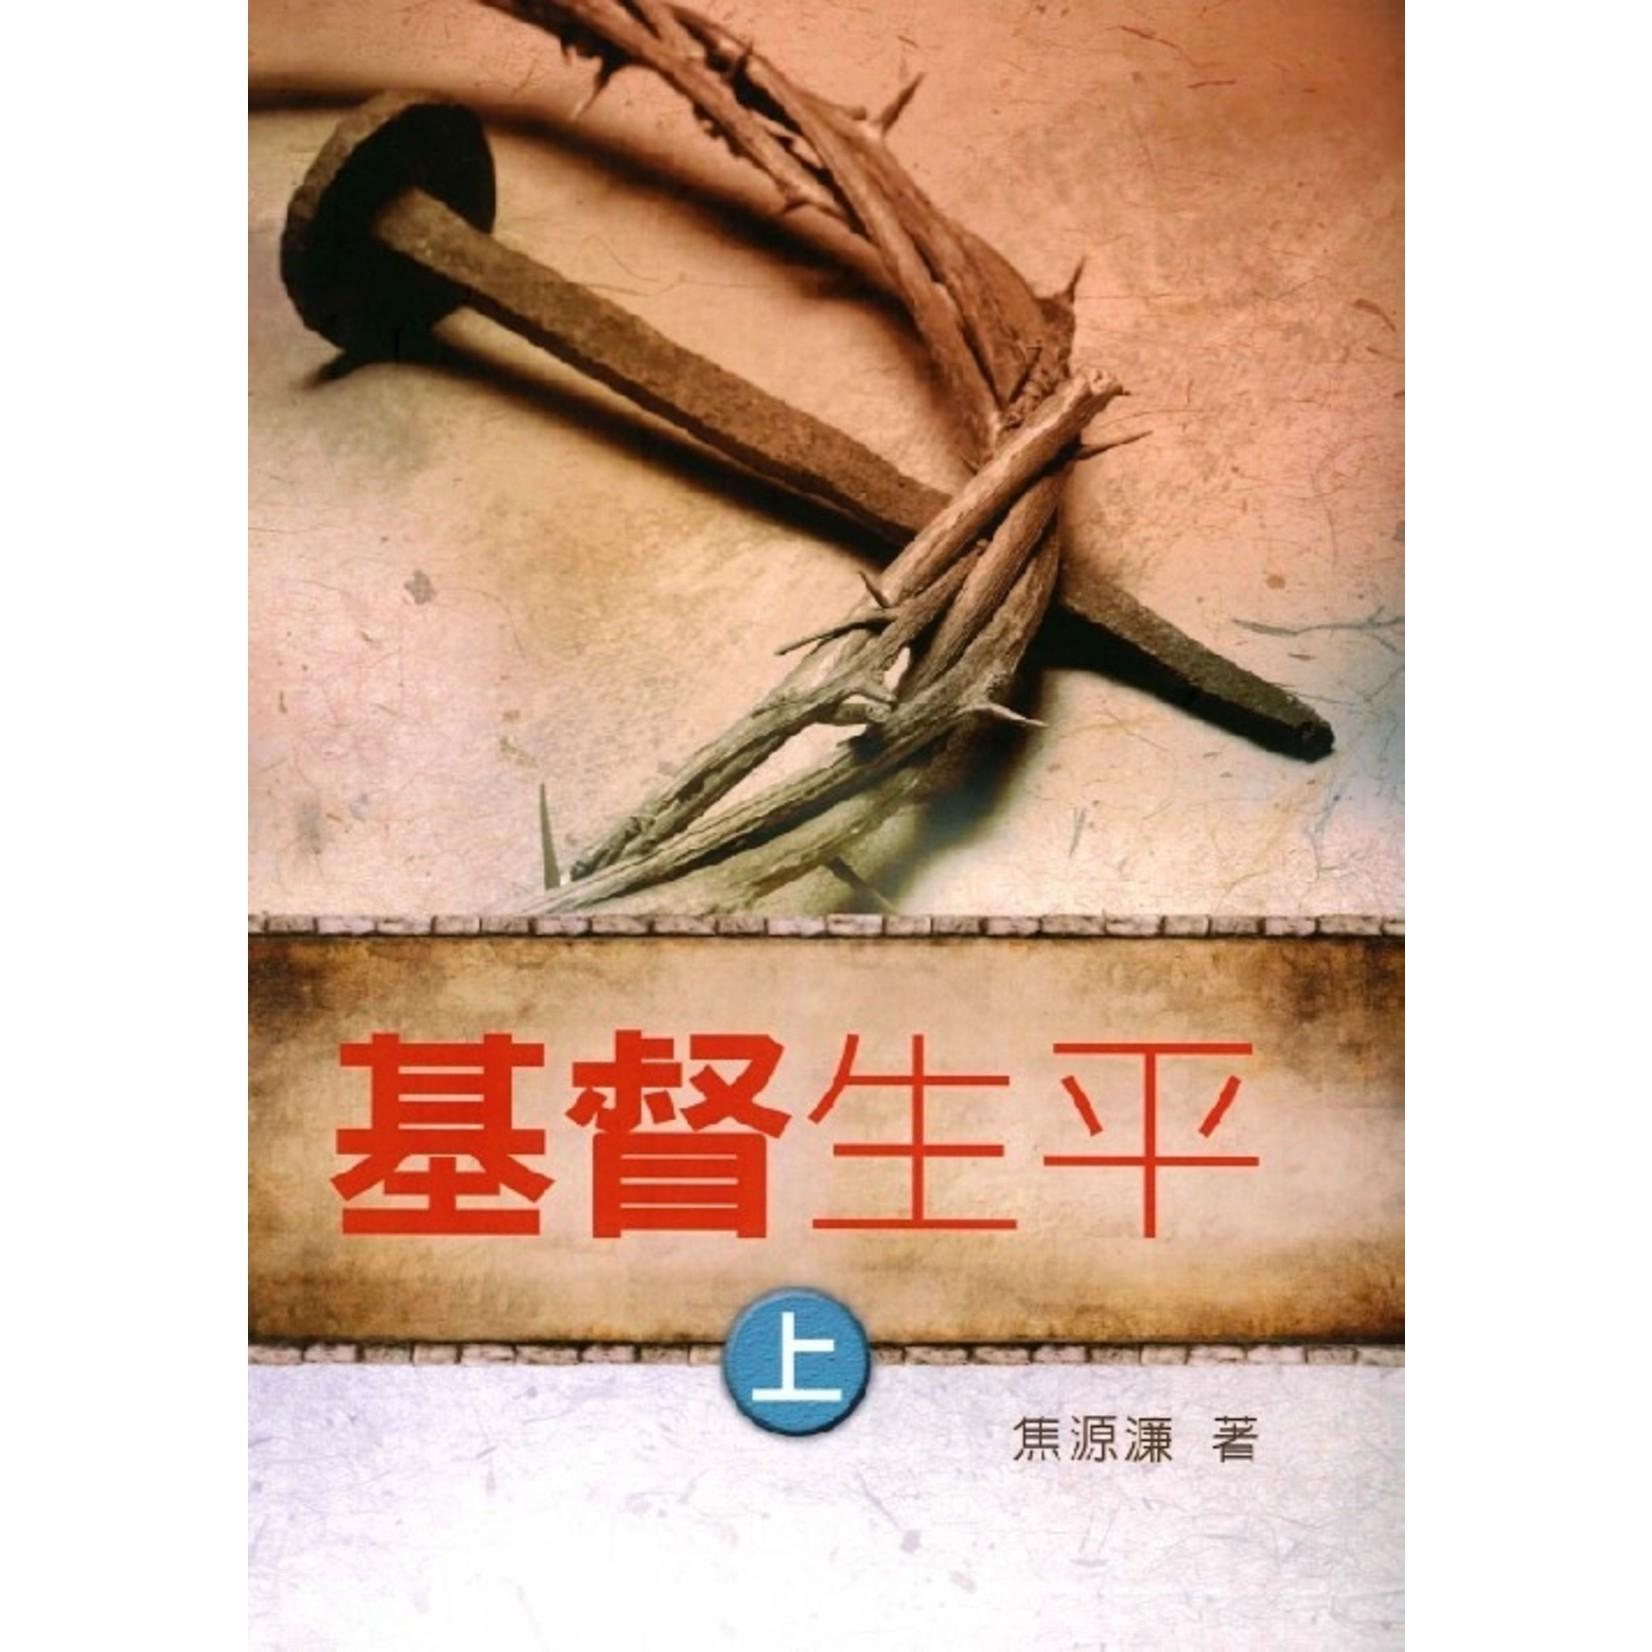 校園書房 Campus Books 基督生平(上)(上下冊不分售)